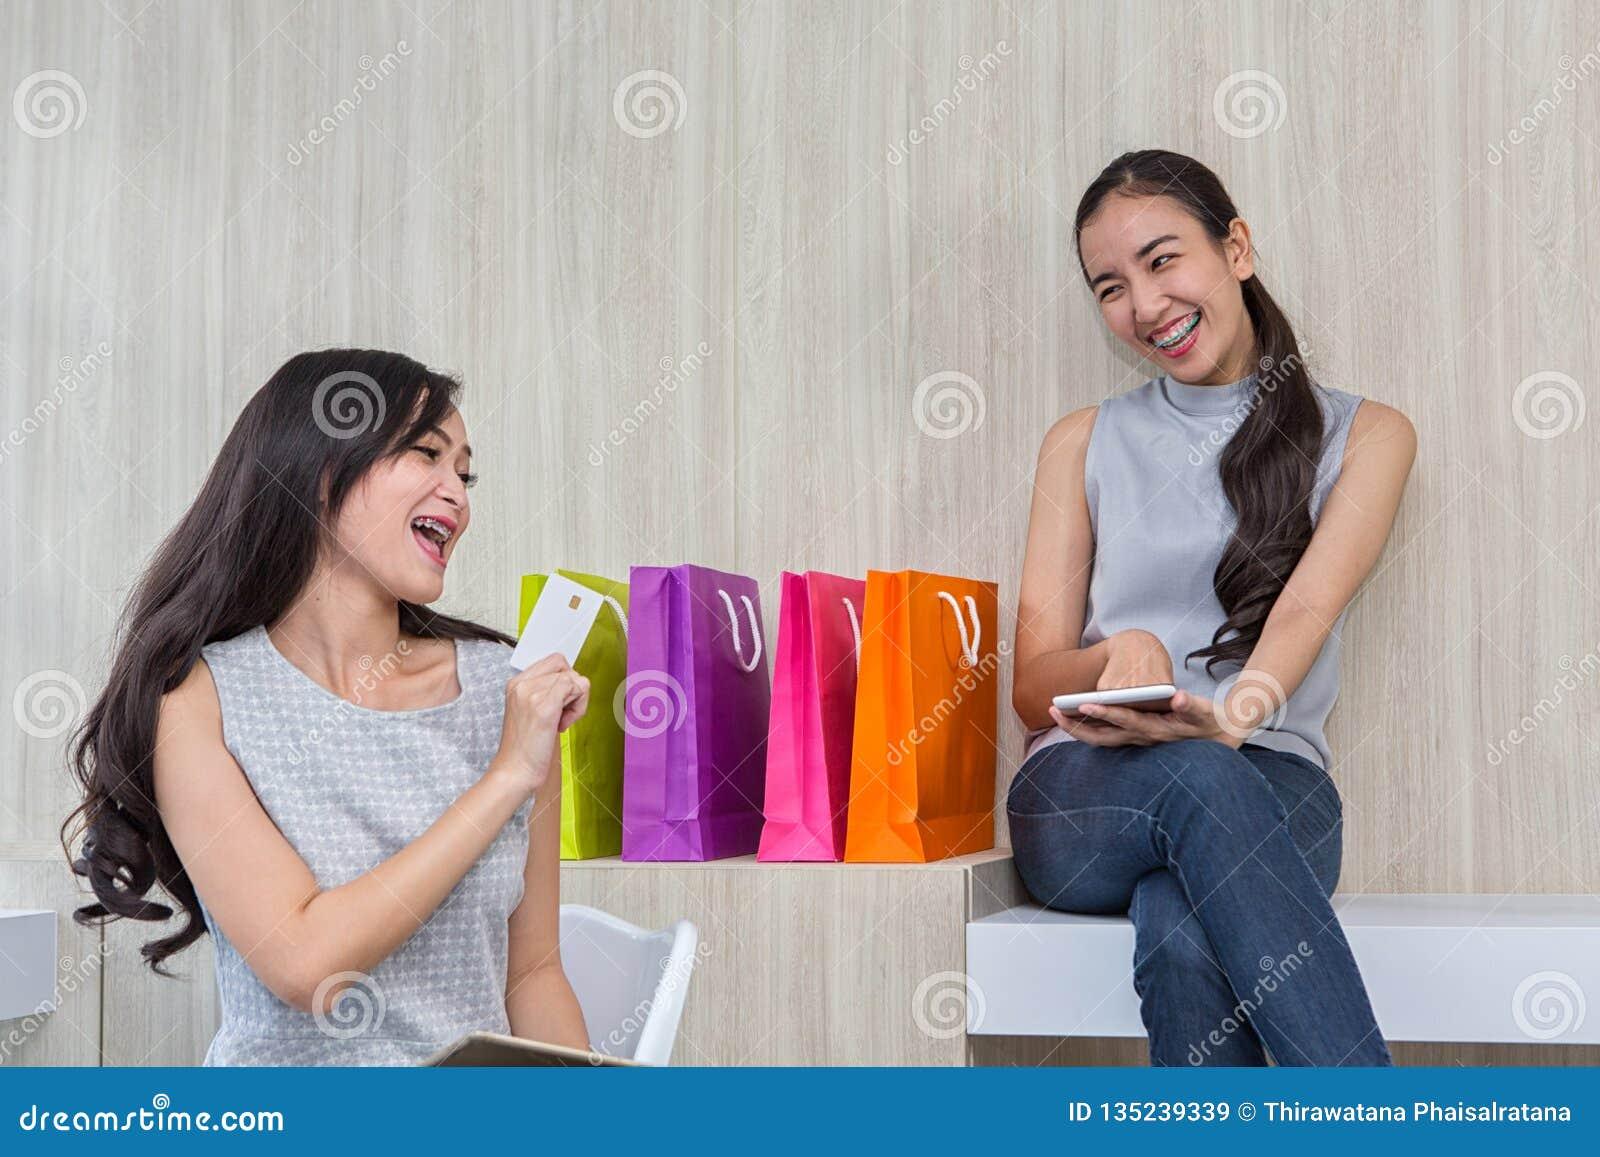 Ευτυχής γυναίκα που πληρώνει στον καφέ με πιστωτική κάρτα και έξυπνο τηλέφωνο Η γυναίκα πήρε μια ανέπαφη πληρωμή Άνθρωποι, χρηματ